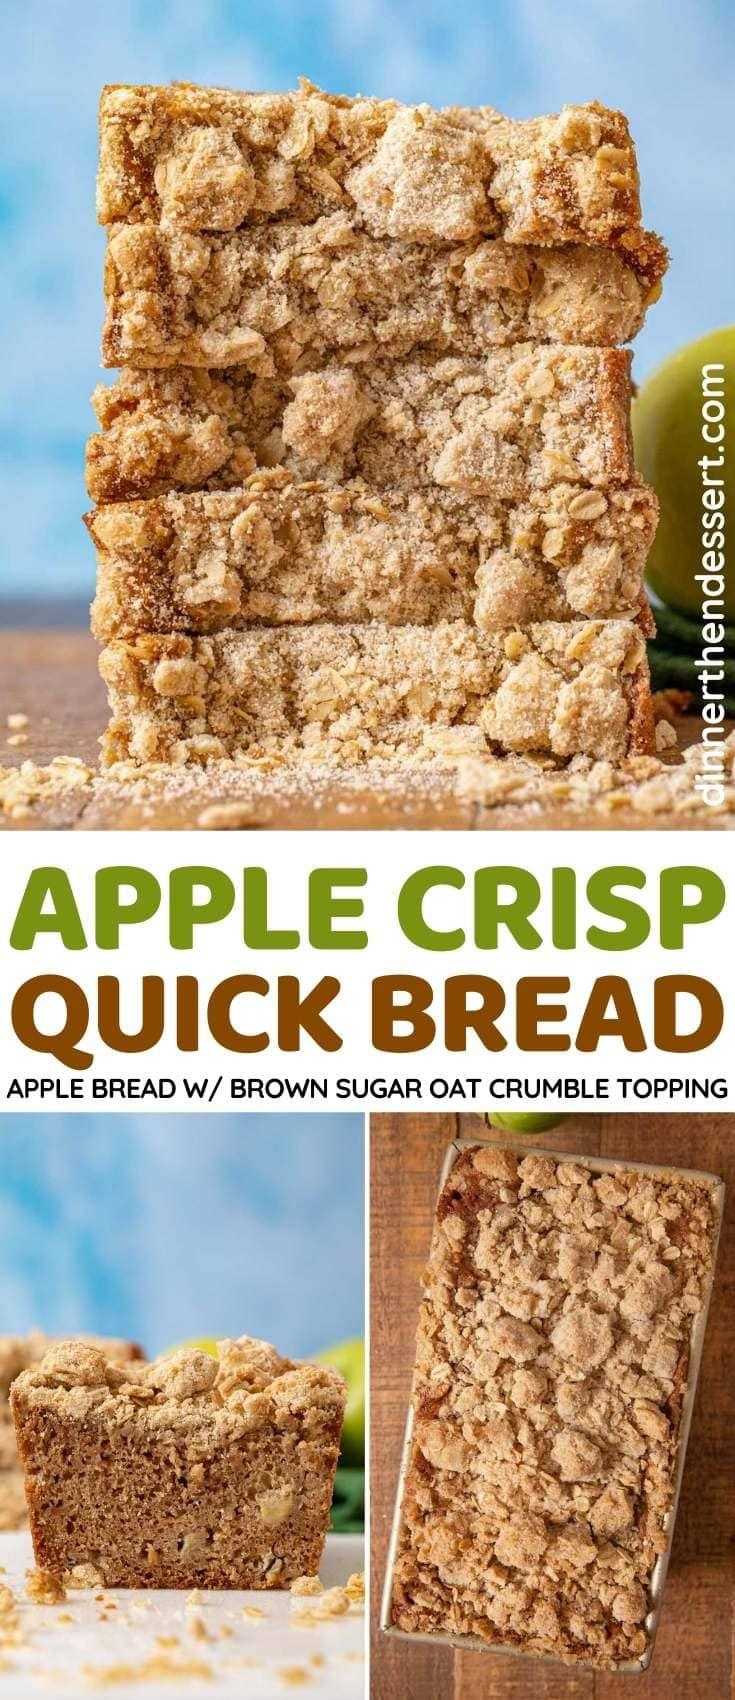 Apple Crisp Quick Bread collage